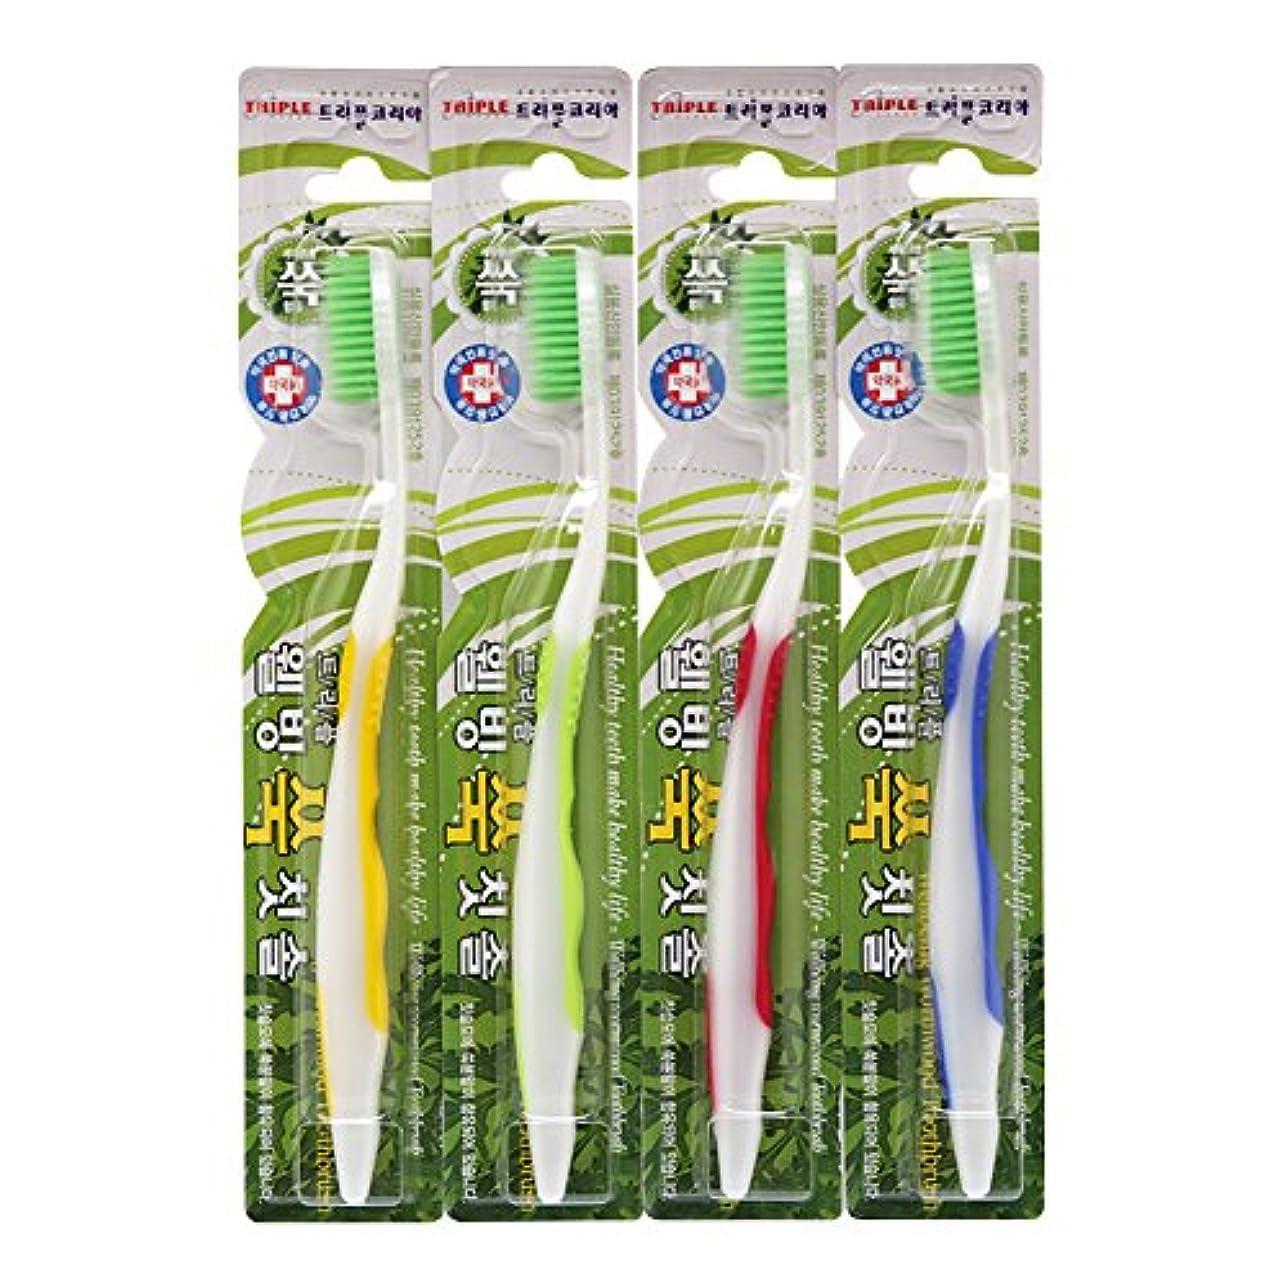 下線上下する改善TRIPLE KOREA ウェルビーイングよもぎグ歯ブラシ4本セット よもぎ成分配合 極細毛 抗菌毛